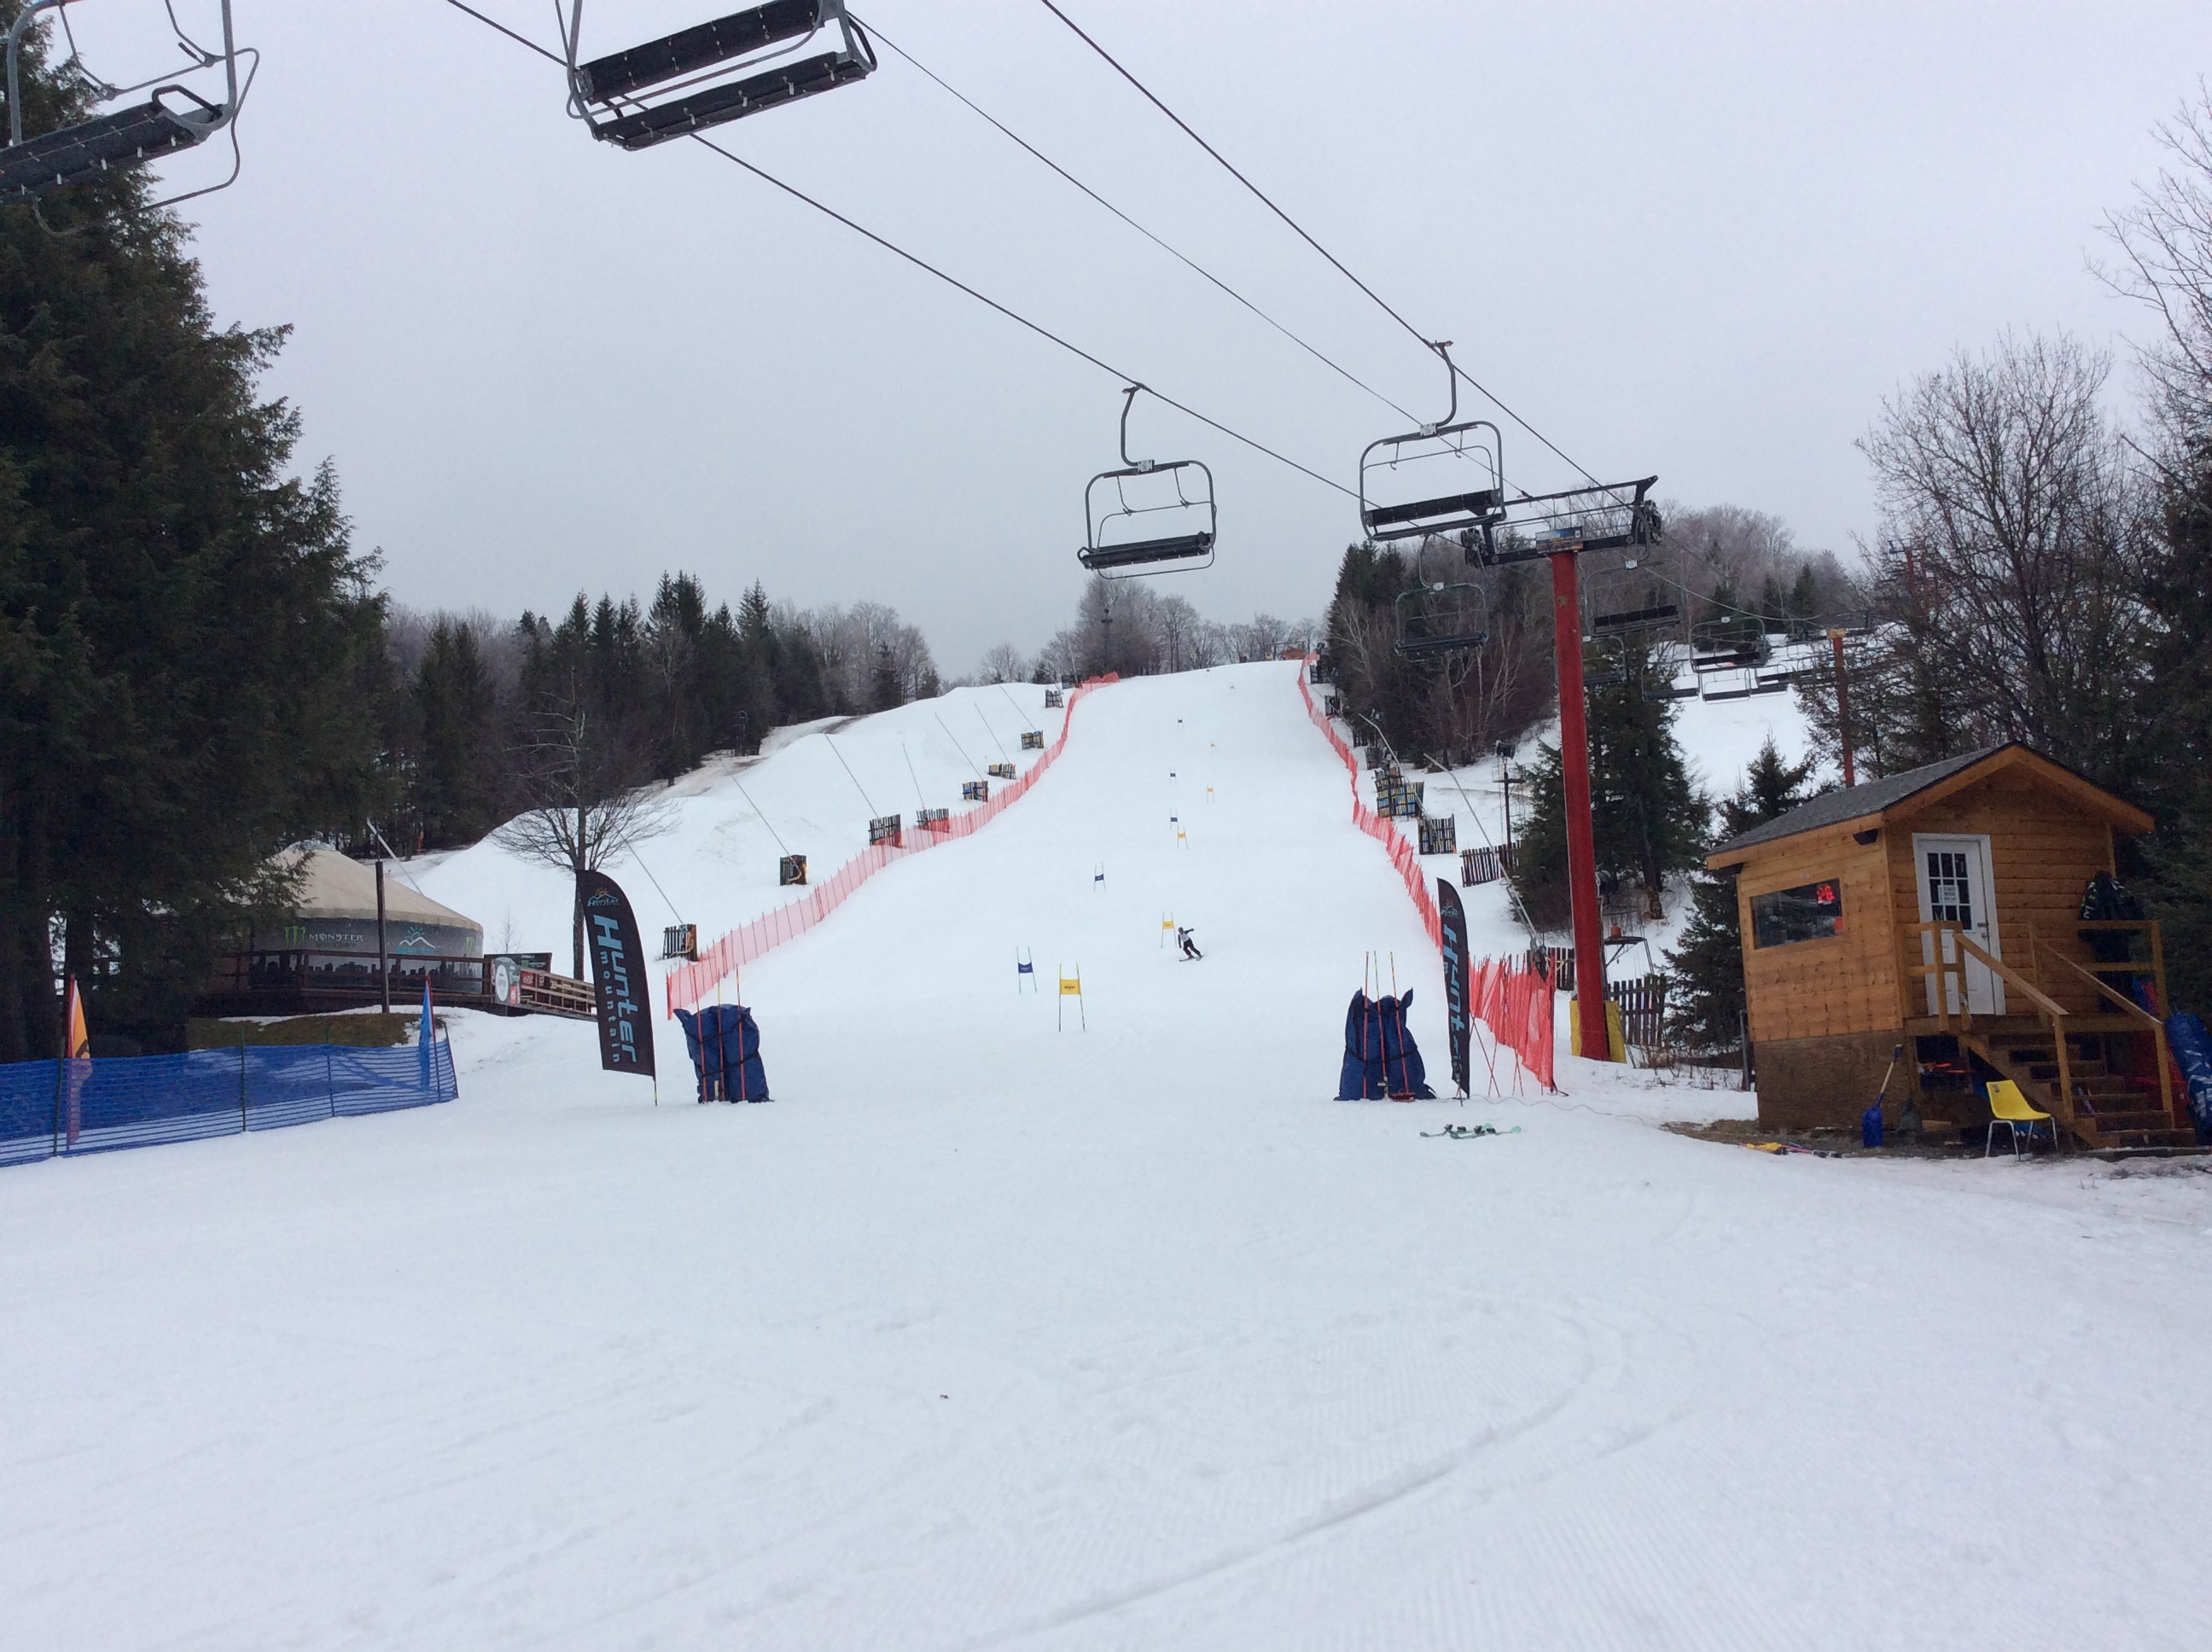 nypd-ski-club_31585142963_o